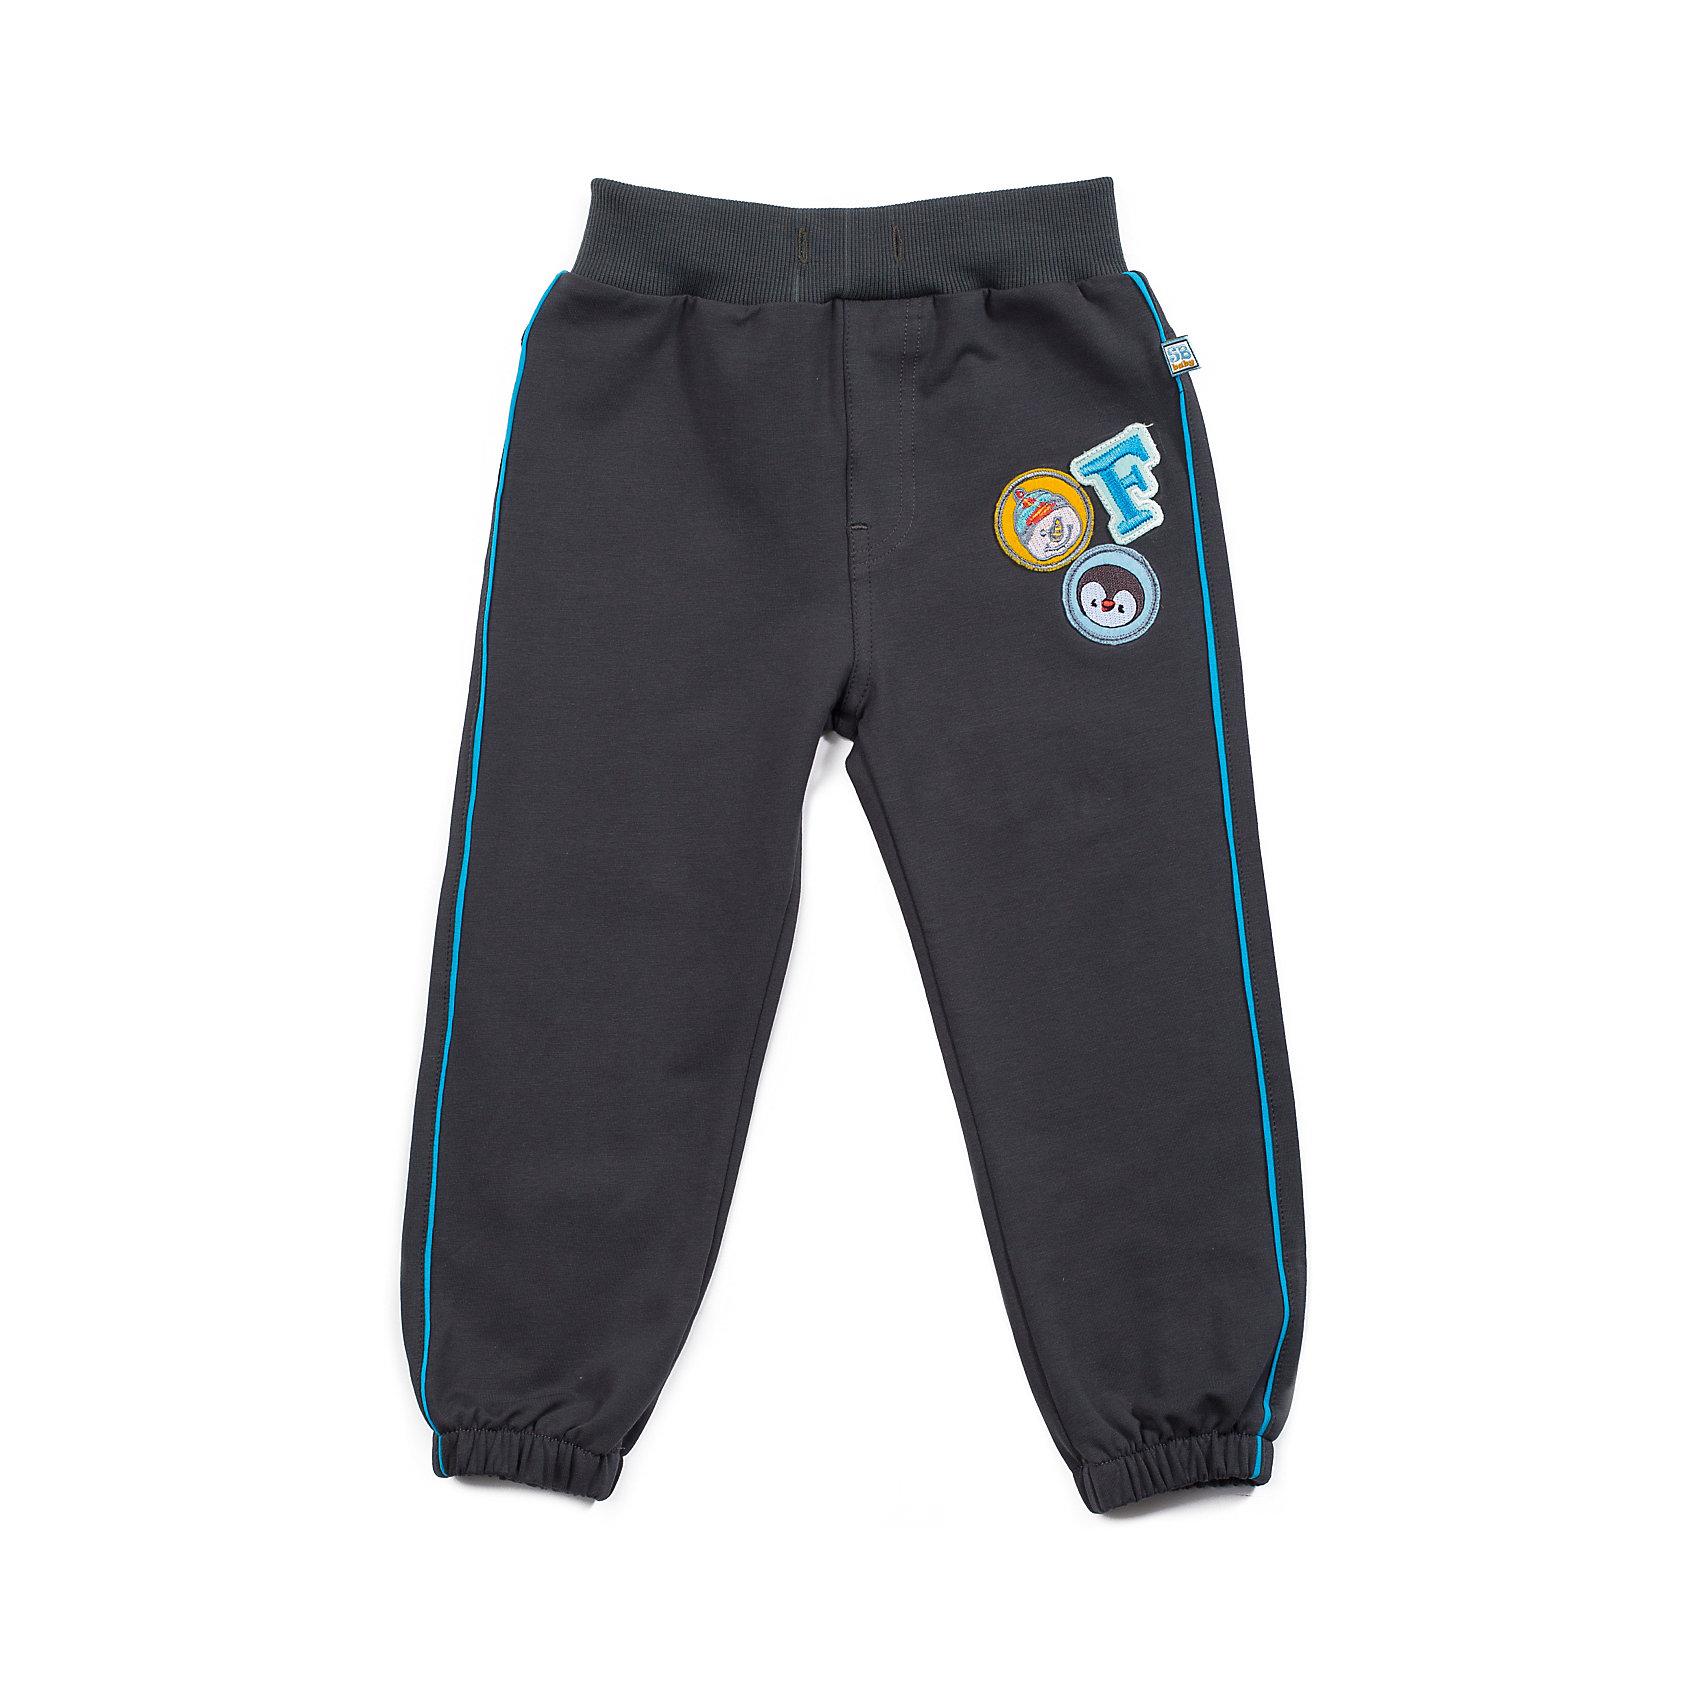 Брюки для мальчика Sweet BerryУдобные трикотжные брюки для мальчика. На эластичном поясе с внутренней резинкой и дополнительным хлопковым шнурком. Декорированы контрастным кантом и шевронами По низу собраны на резинку.<br>Состав:<br>95% хлопок, 5% эластан<br><br>Ширина мм: 215<br>Глубина мм: 88<br>Высота мм: 191<br>Вес г: 336<br>Цвет: серый<br>Возраст от месяцев: 9<br>Возраст до месяцев: 12<br>Пол: Мужской<br>Возраст: Детский<br>Размер: 80,98,86,92<br>SKU: 4273307